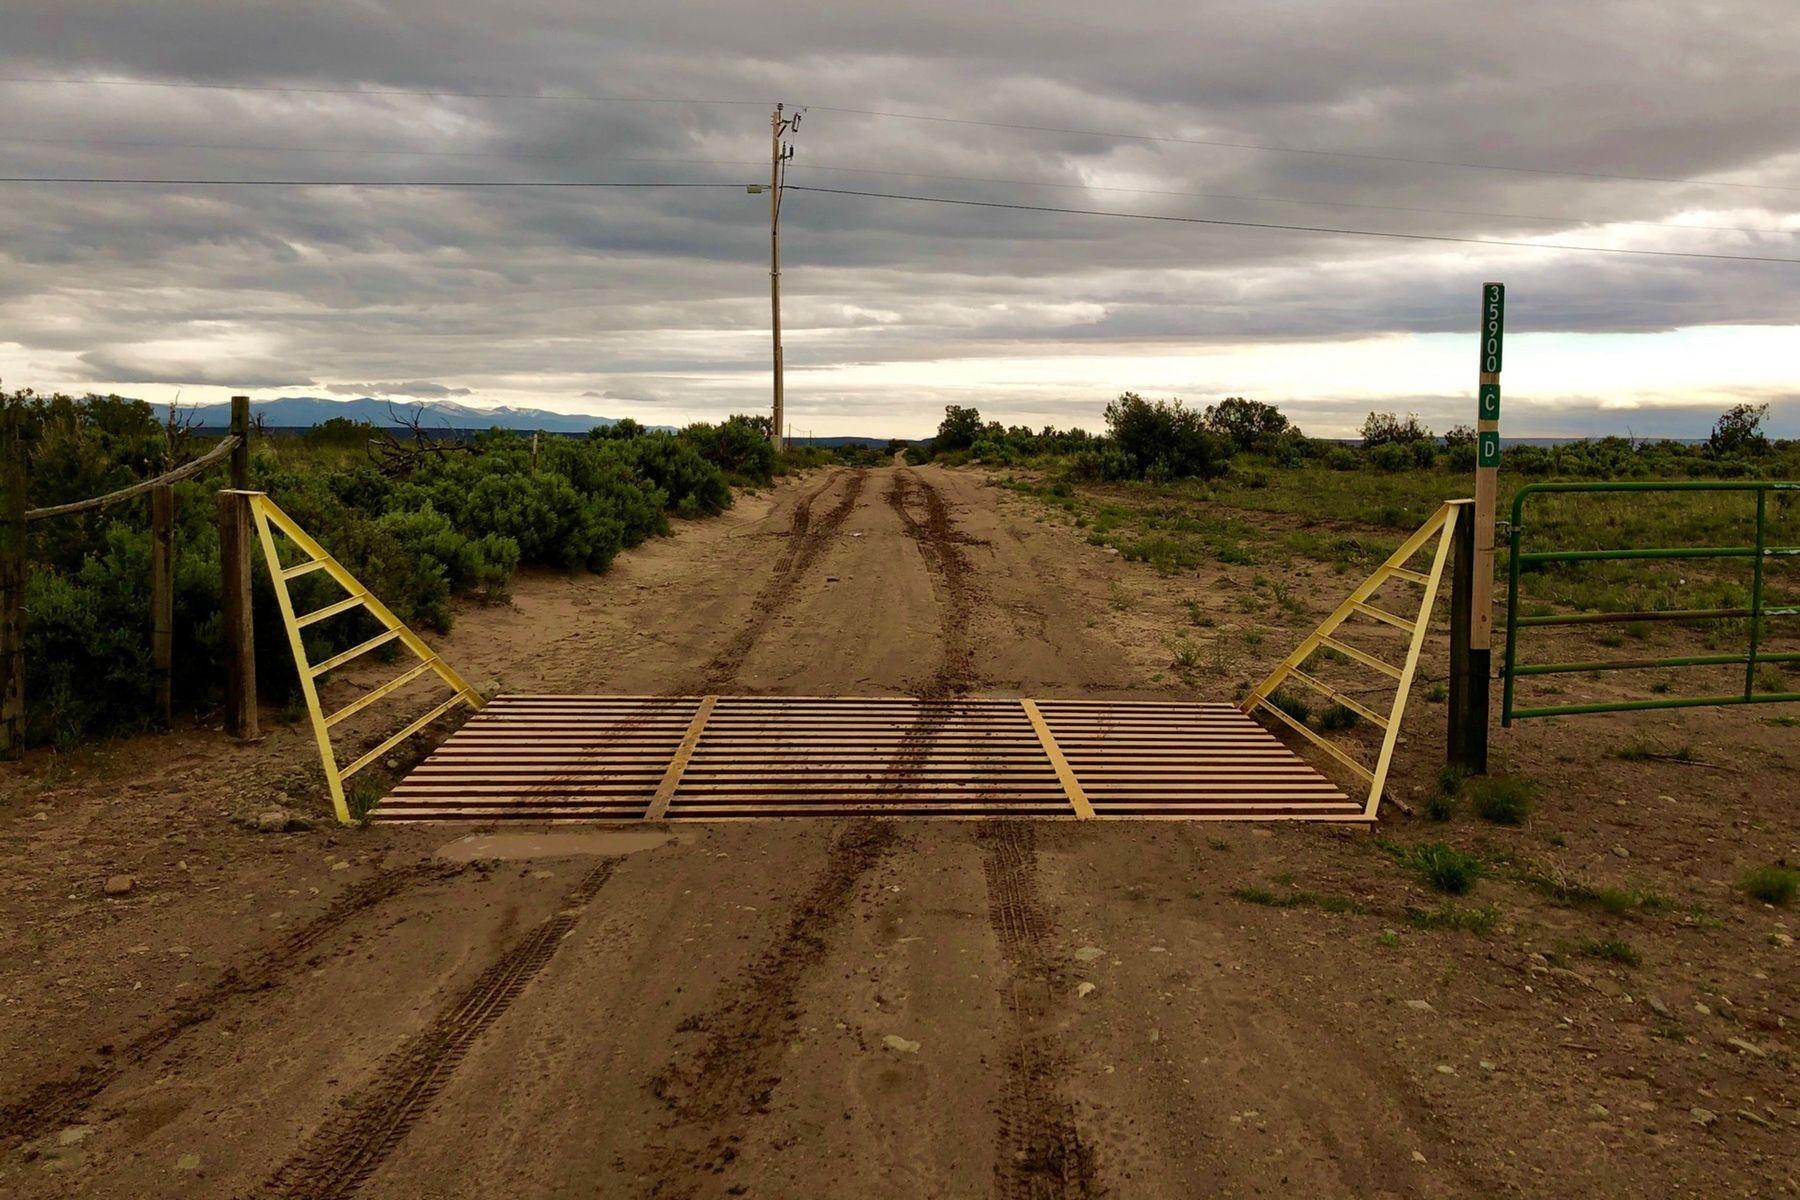 أراضي للـ Sale في Ojo Caliente, New Mexico 87549 United States